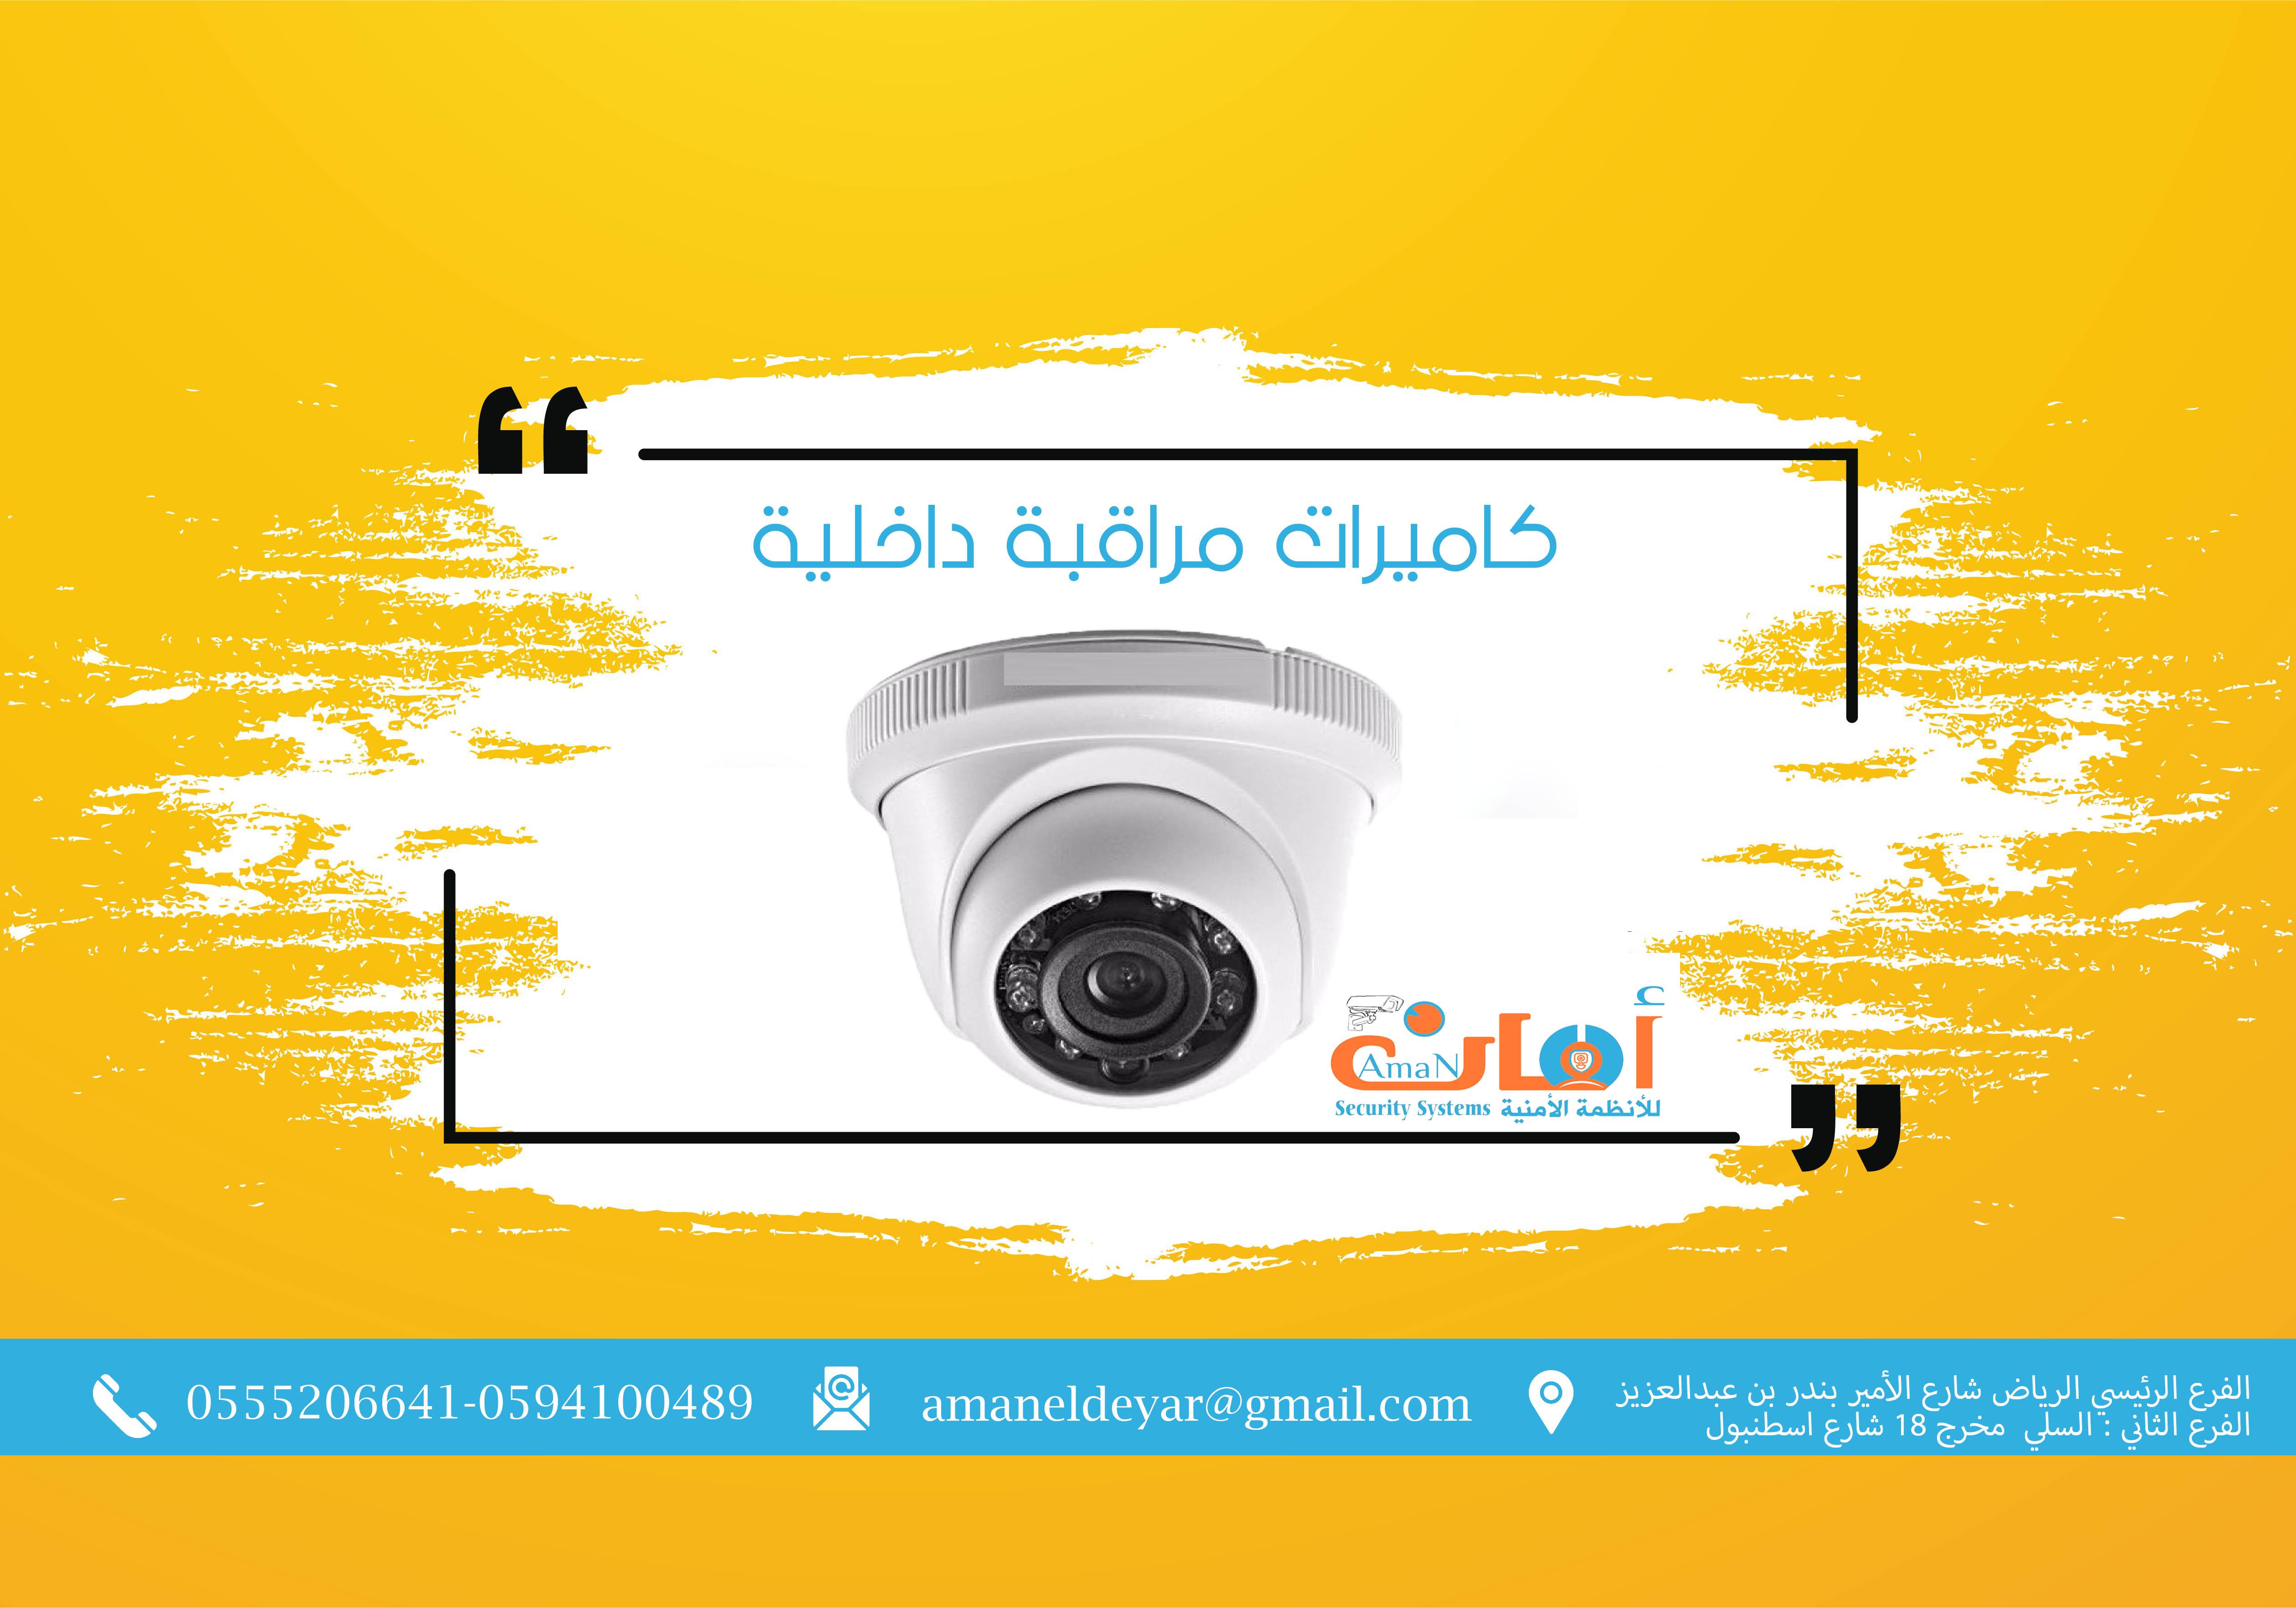 كاميرات مراقبه داخليه * شركة أمان الديار P_1547k93vi3